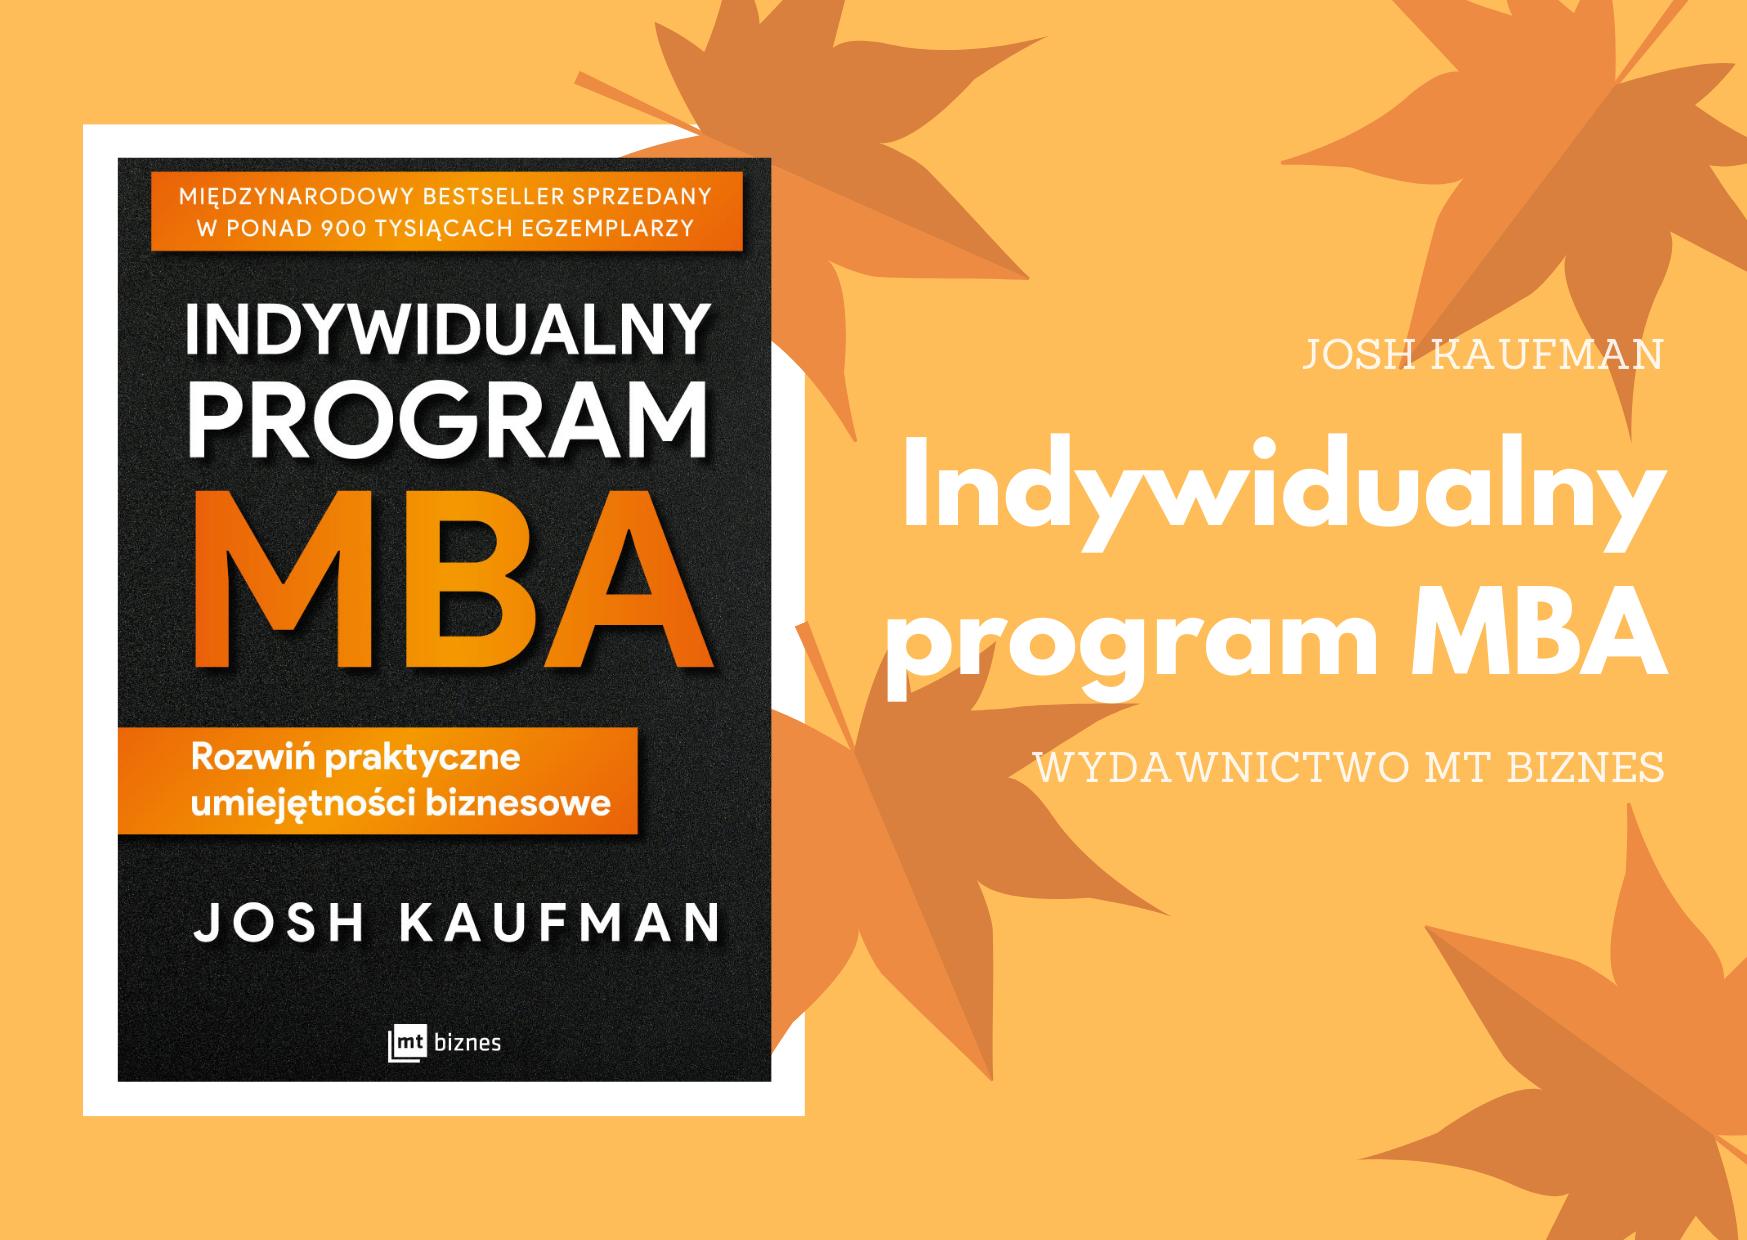 """Josh Kaufman """"Indywidualny program MBA"""" od Wydawnictwa MT Biznes  – do wygrania w konkursie!"""